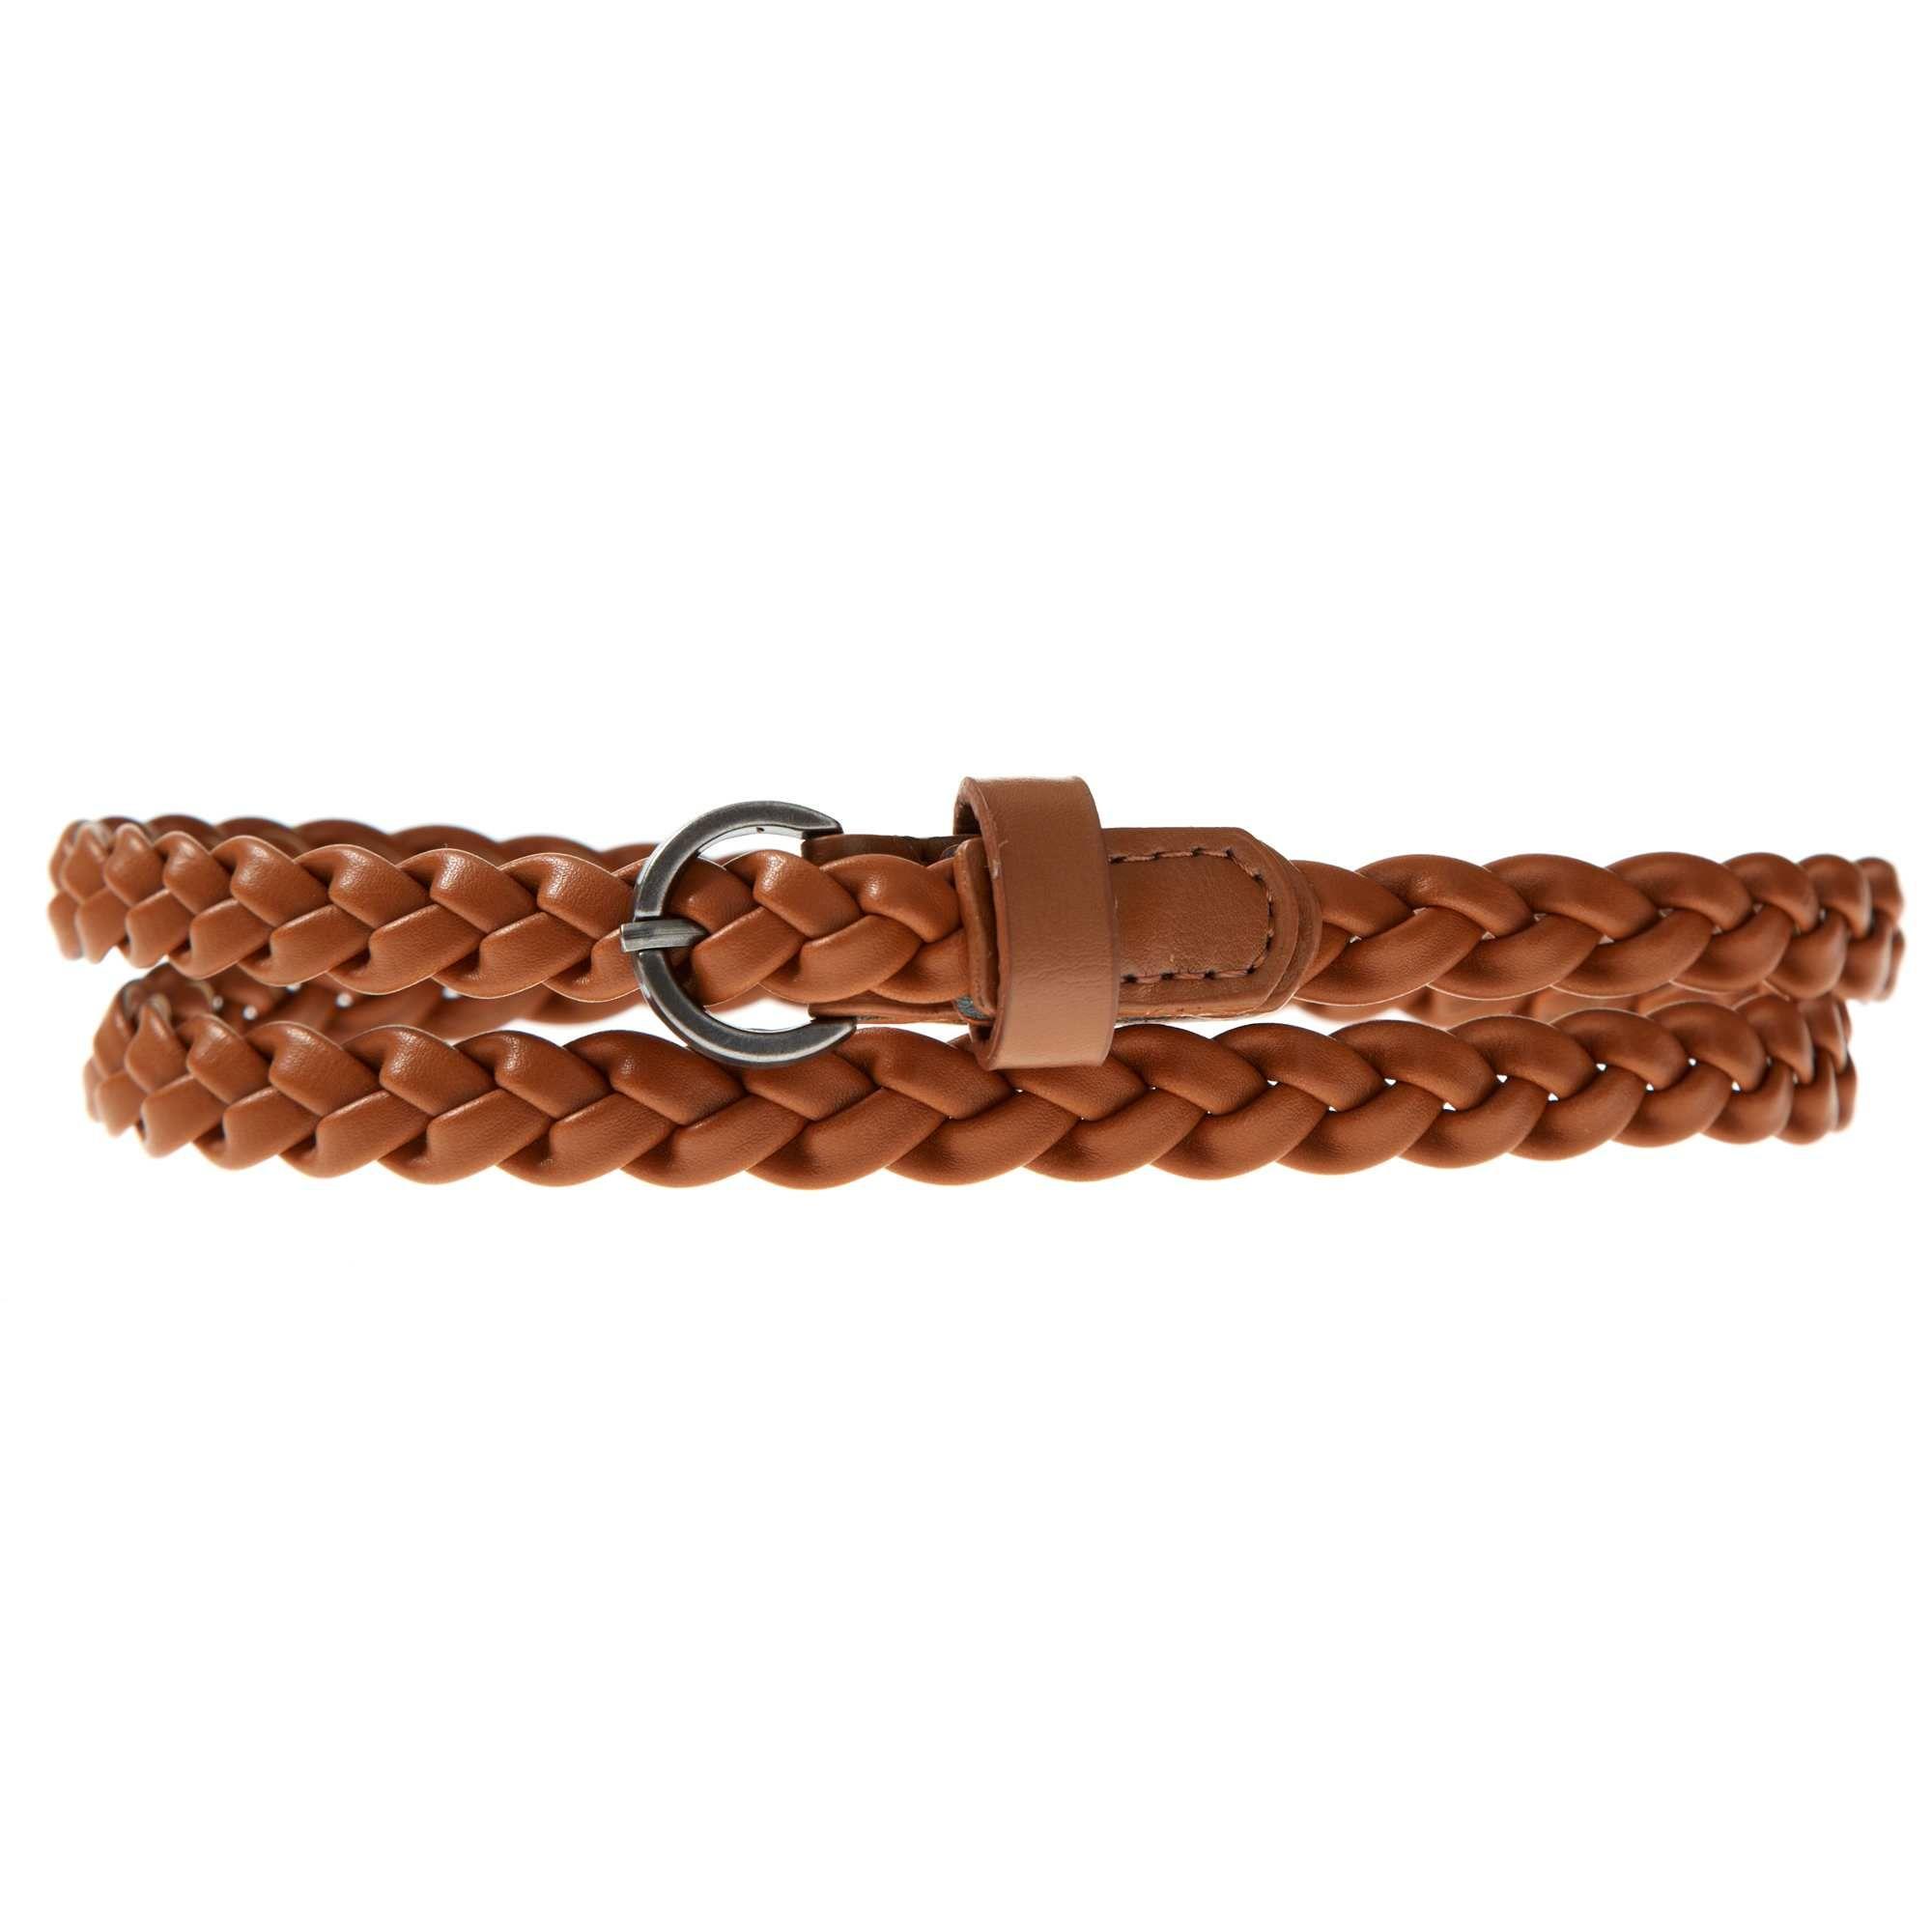 cf57f7873 Cinturón fino trenzado Mujer - Kiabi - 1,40€ | Moda que me gusta ...